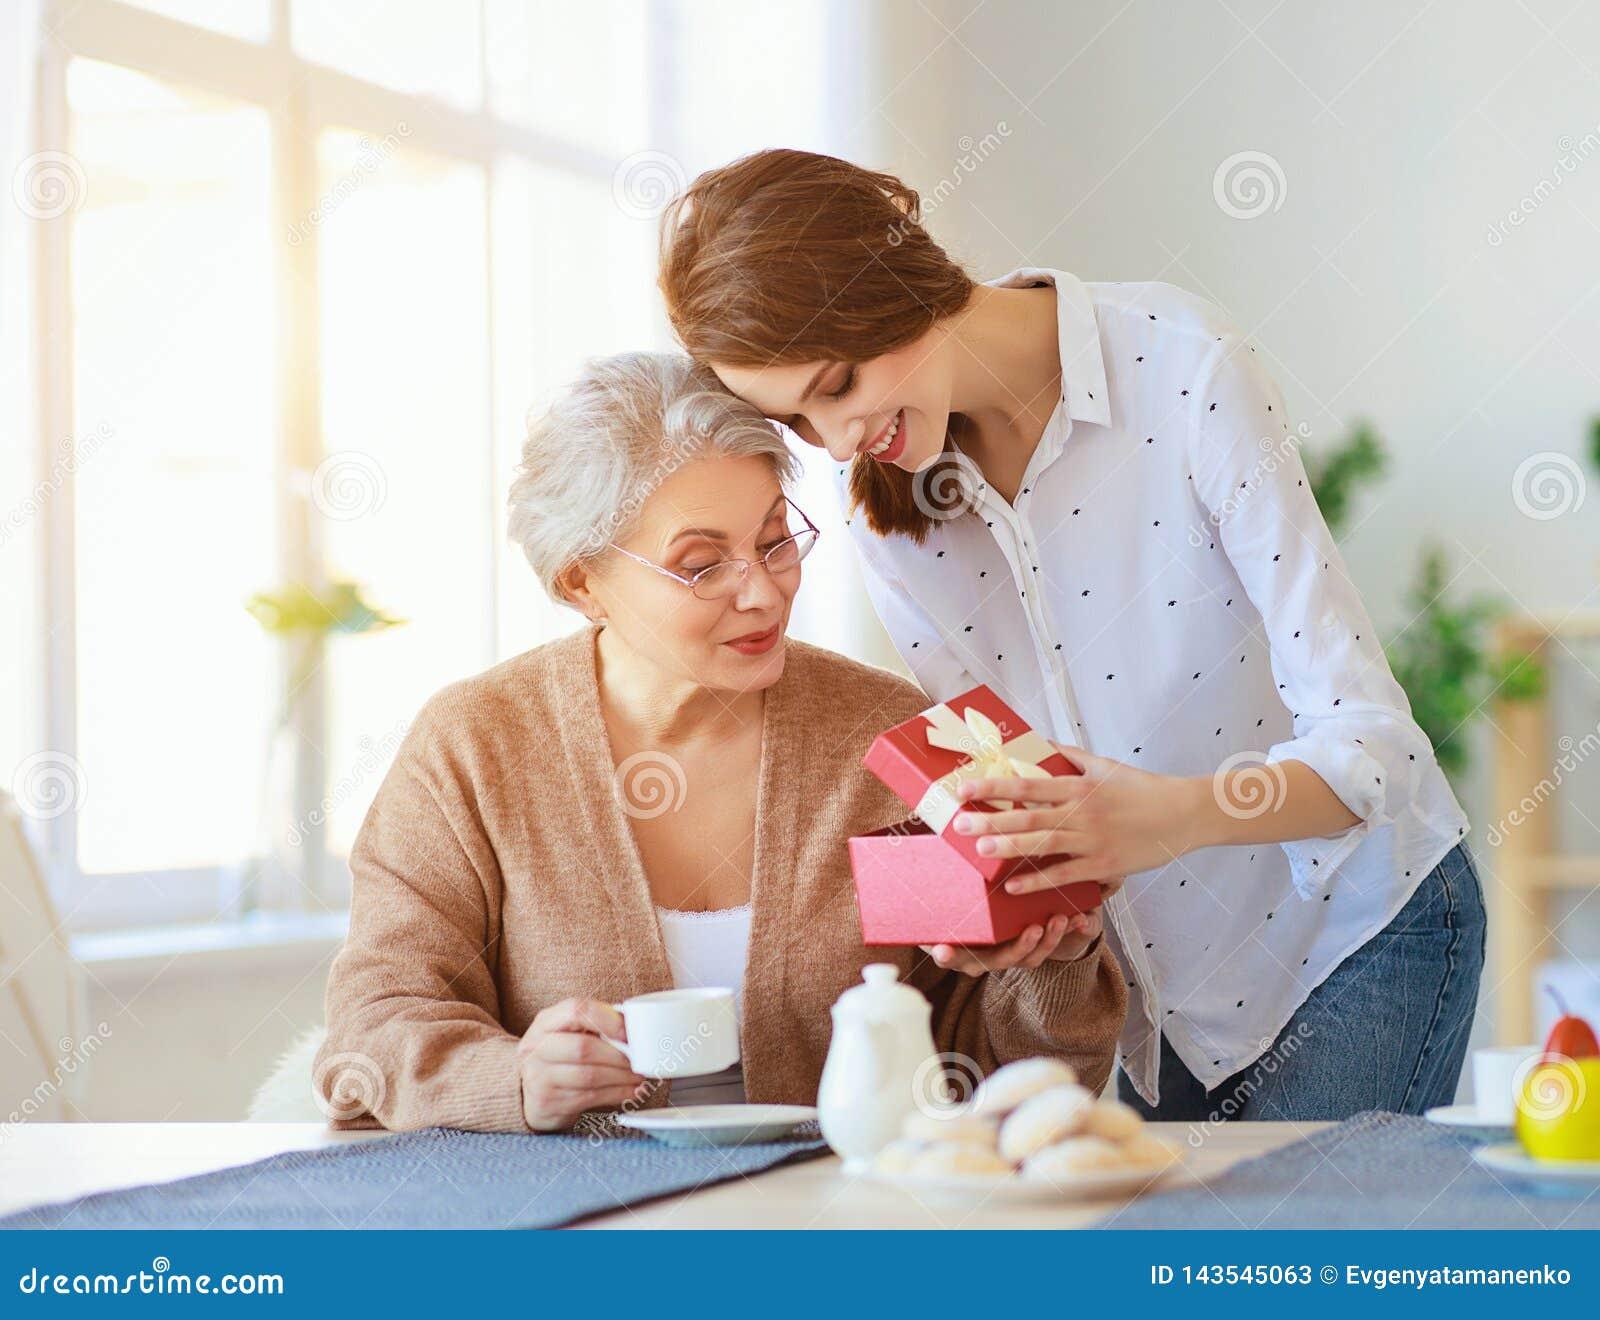 Lyckliga moders dag! den vuxna dottern ger gåvan och gratulerar en äldre moder på ferie